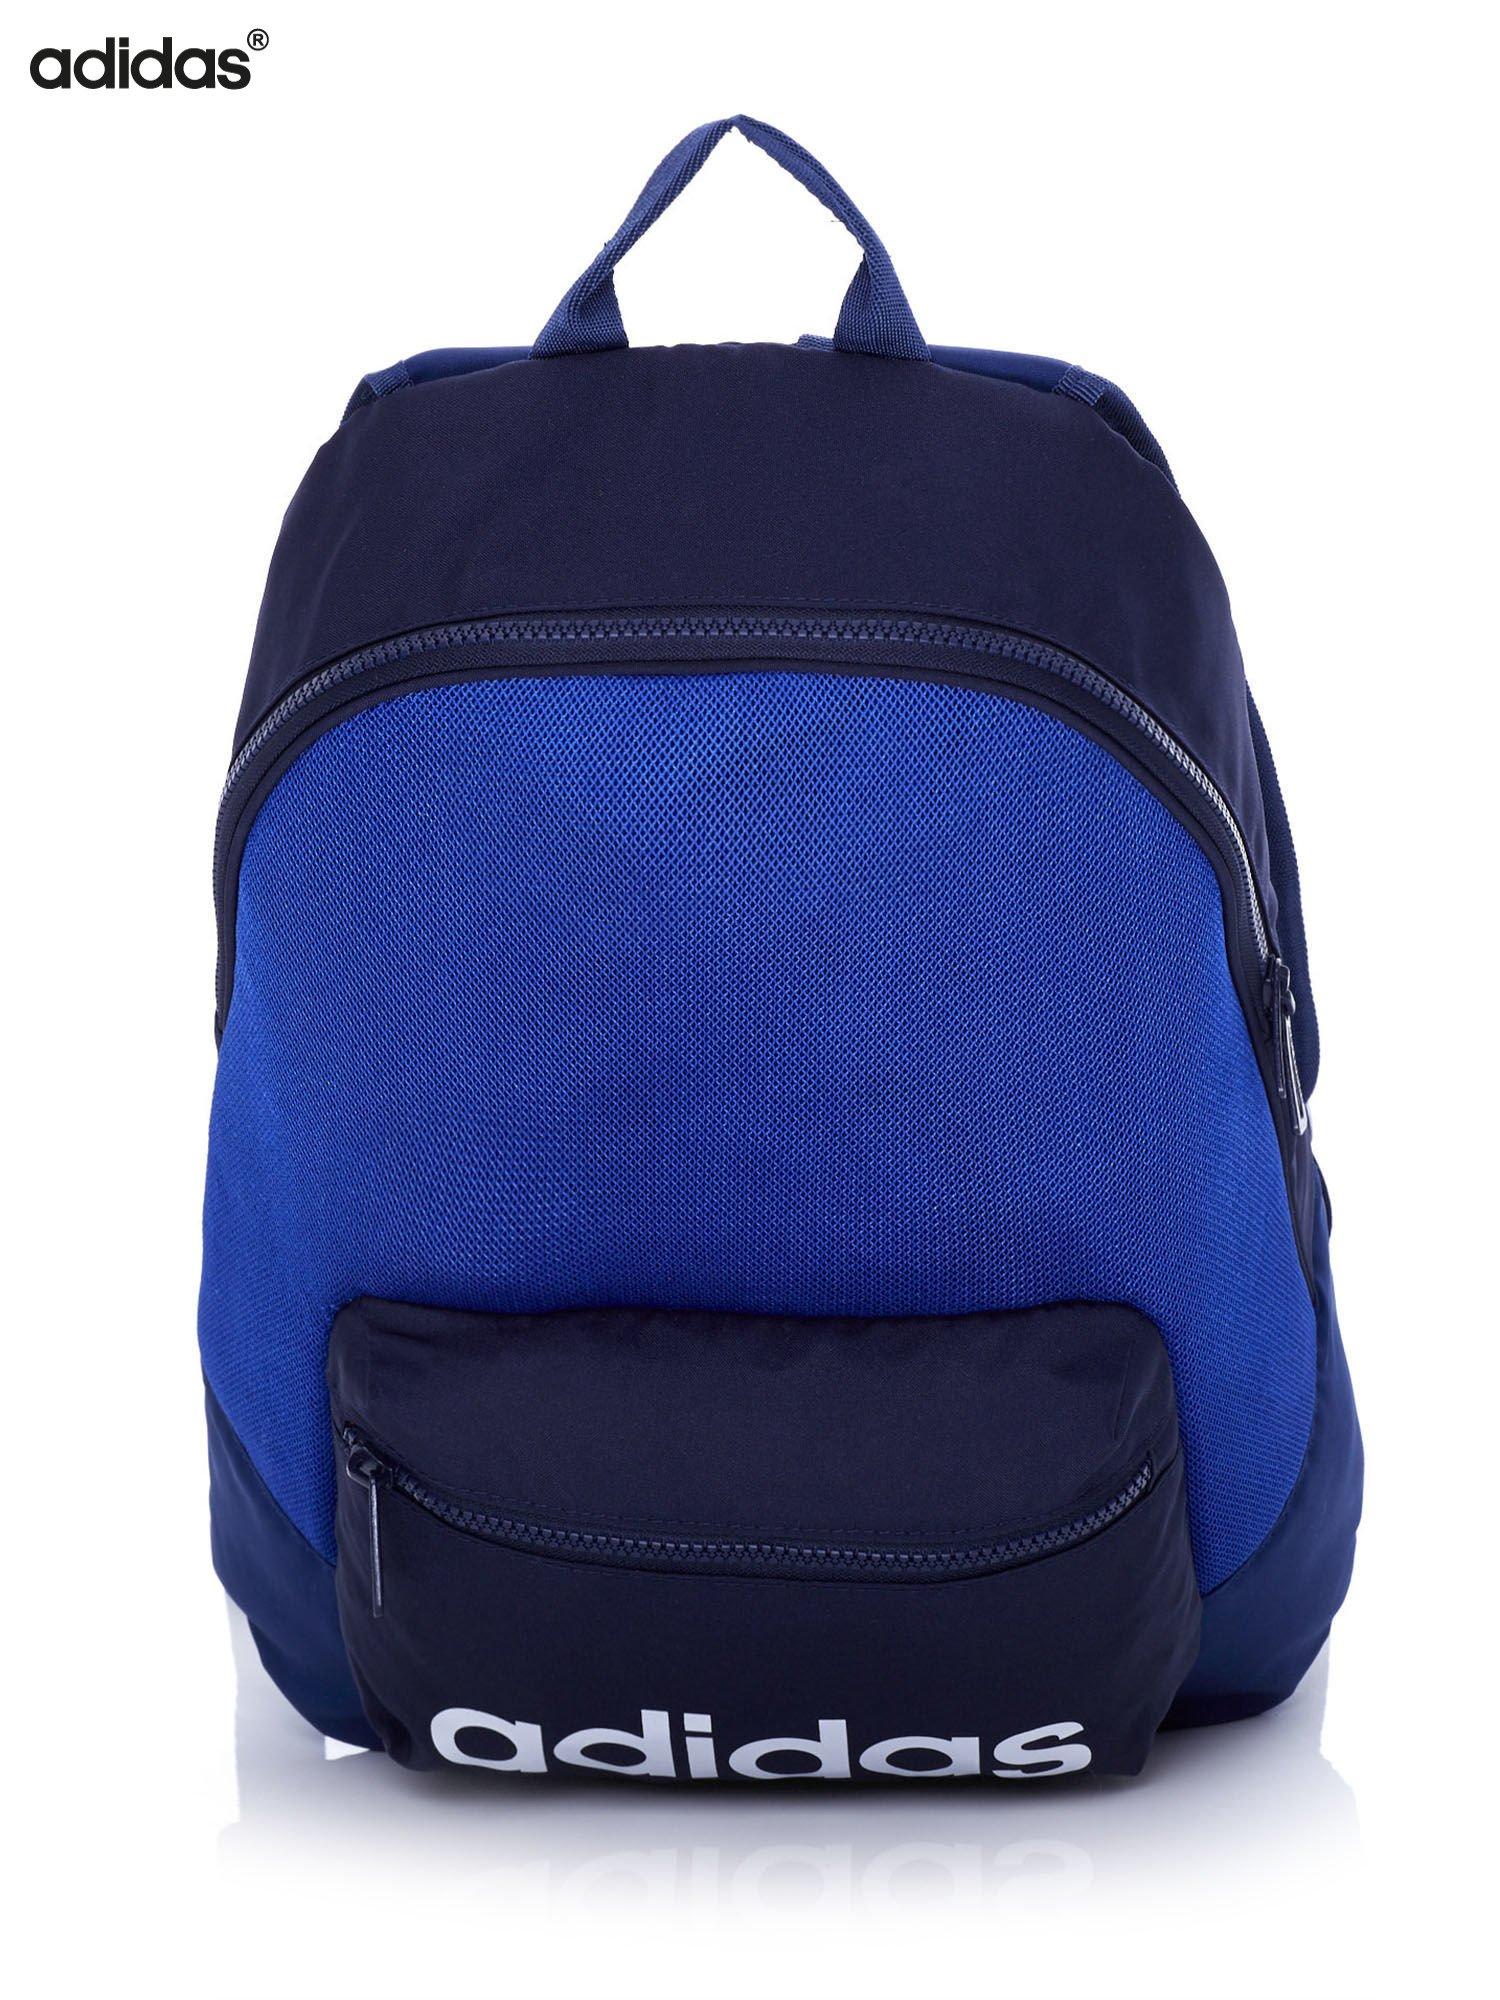 f6394411d581d ADIDAS Niebieski plecak szkolny z ozdobną kieszenią - Dziecko ...